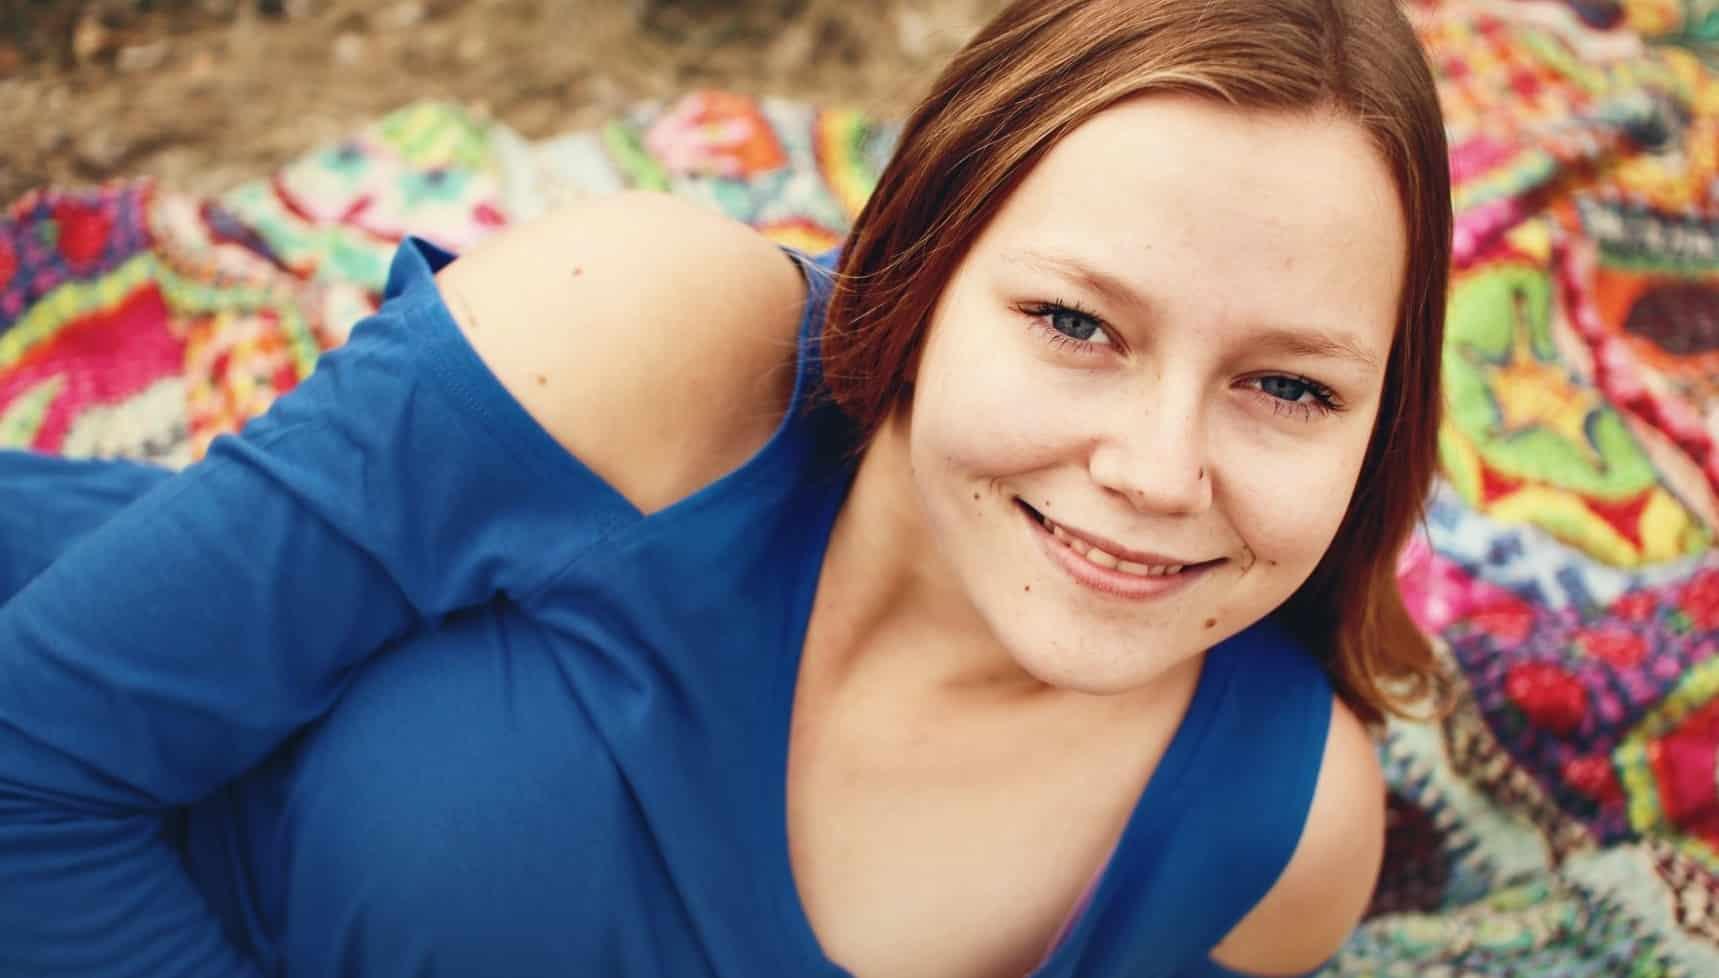 teen girl in blue top